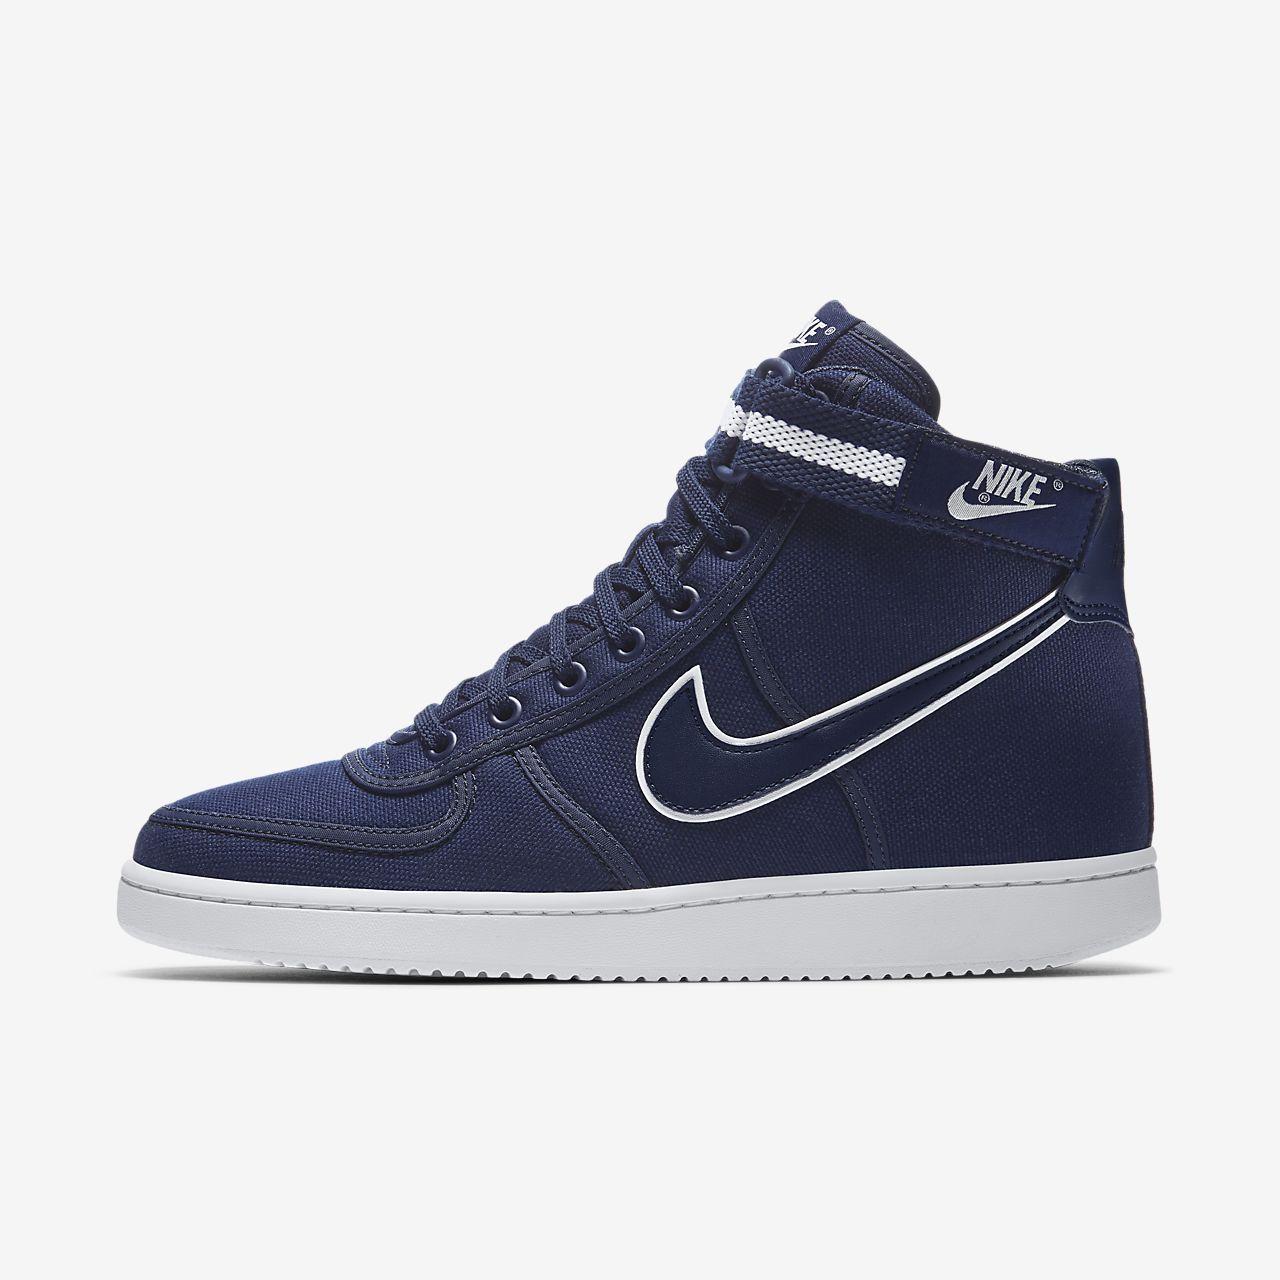 Nike Vandal High Supreme Men's Lifestyle Shoes Black/White/Grey oS9075L